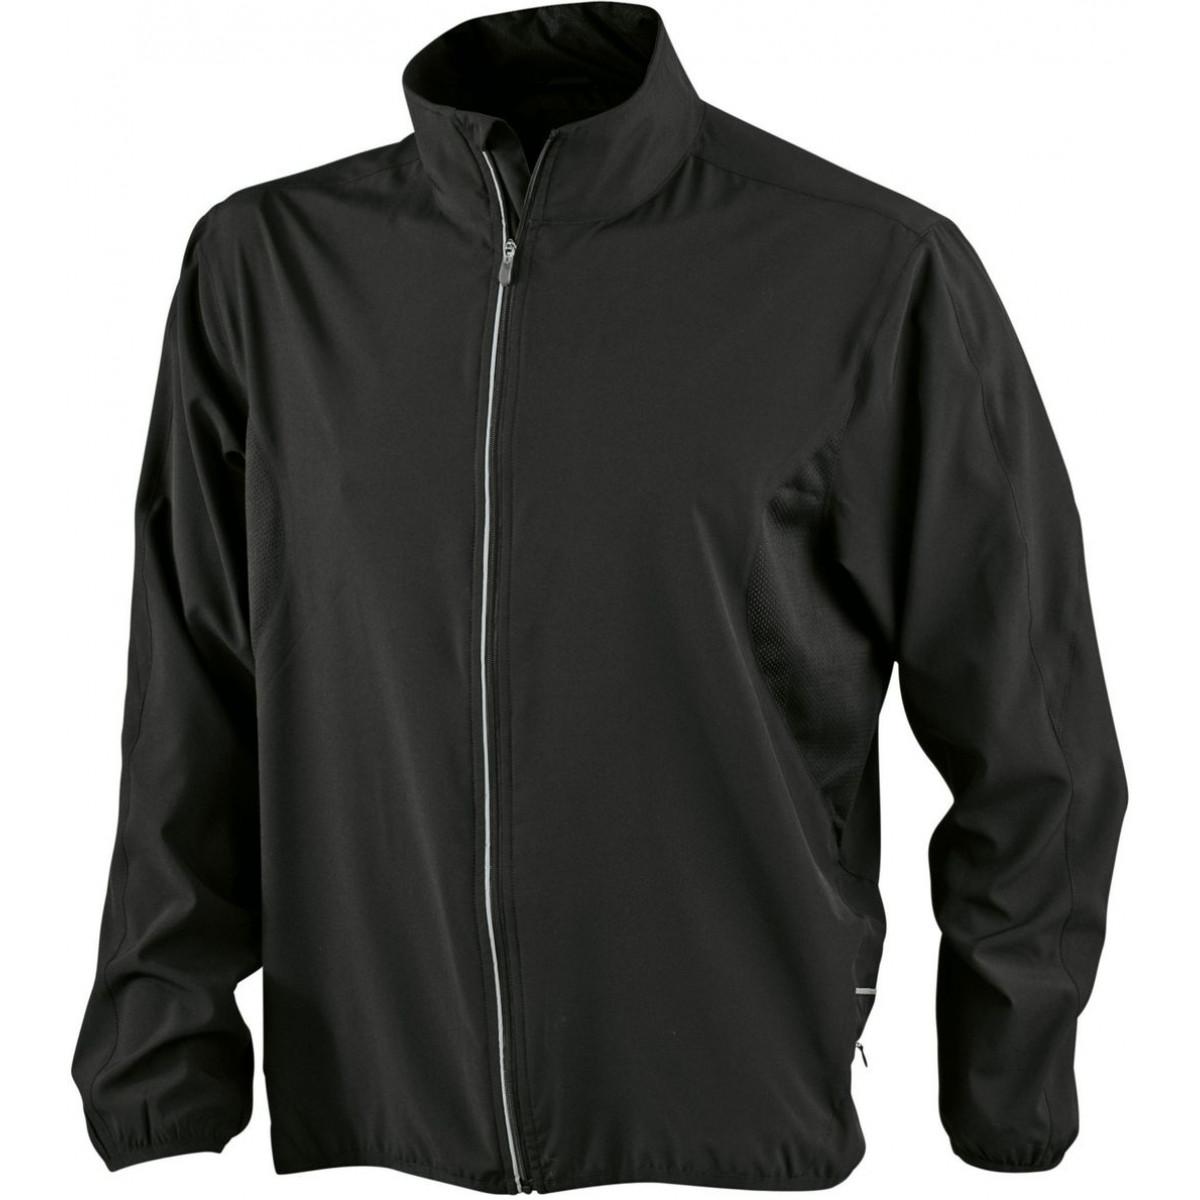 Куртка мужская JN444 Mens Running Jacket - Черный/Черный